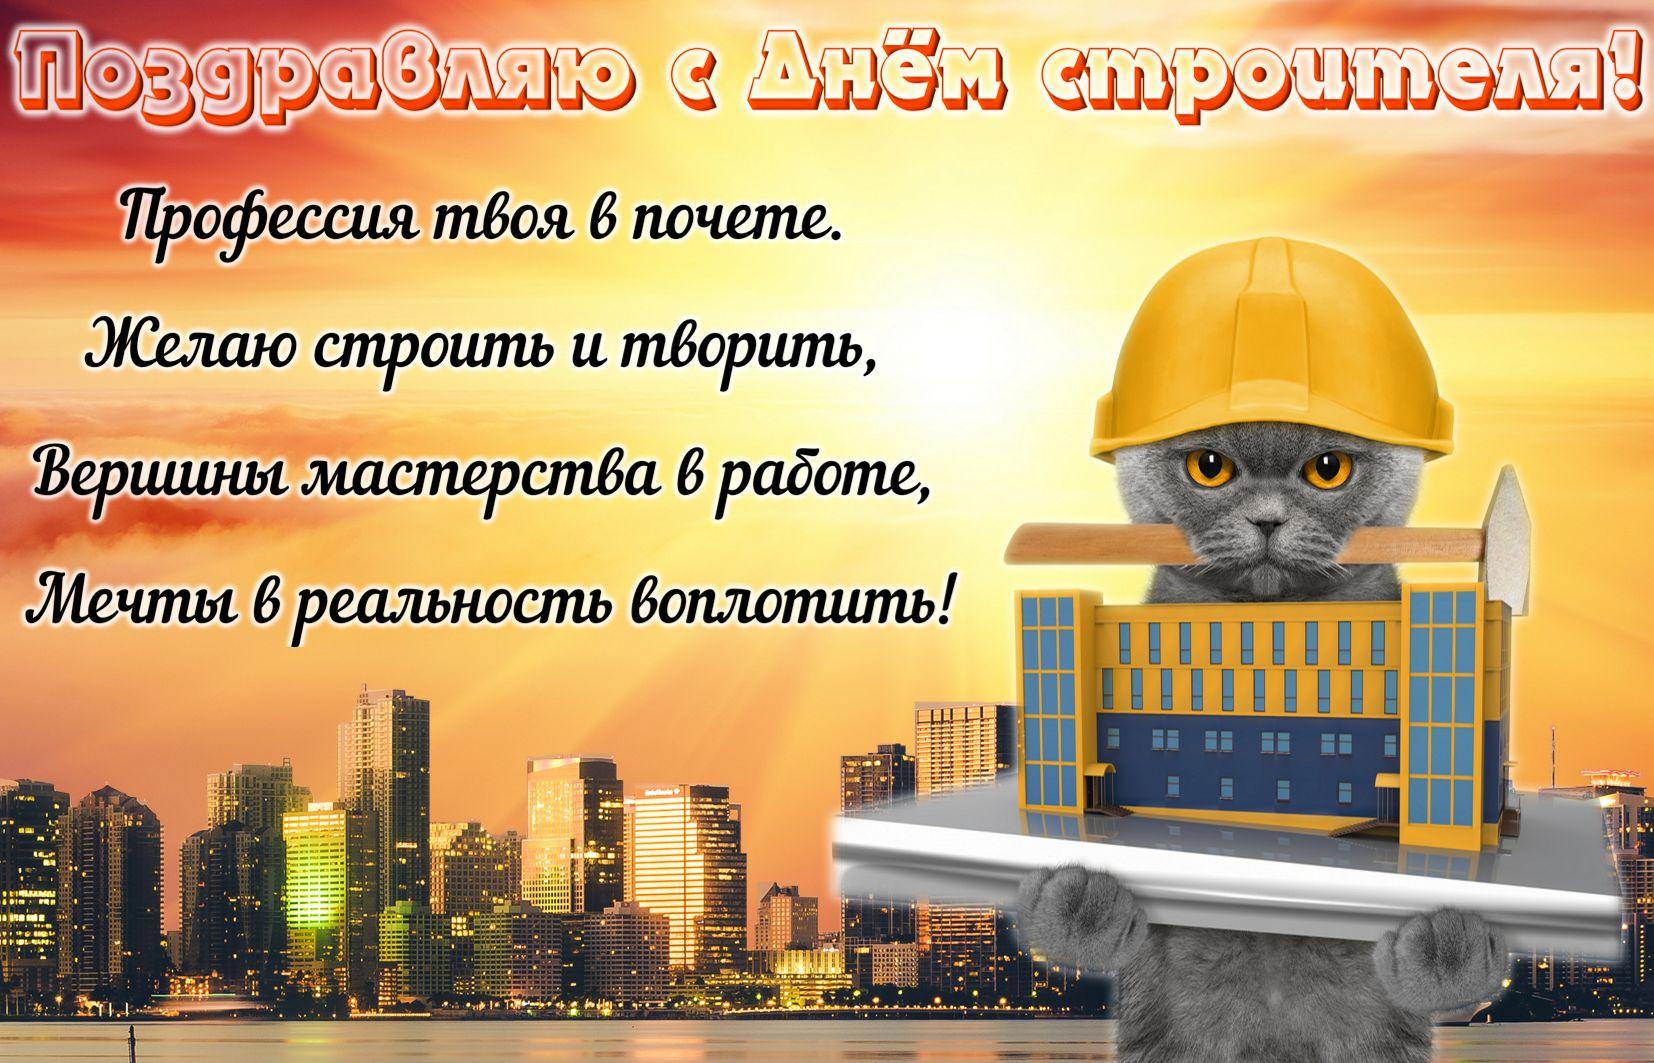 Открытка на День строителя - котик в каске на фоне города